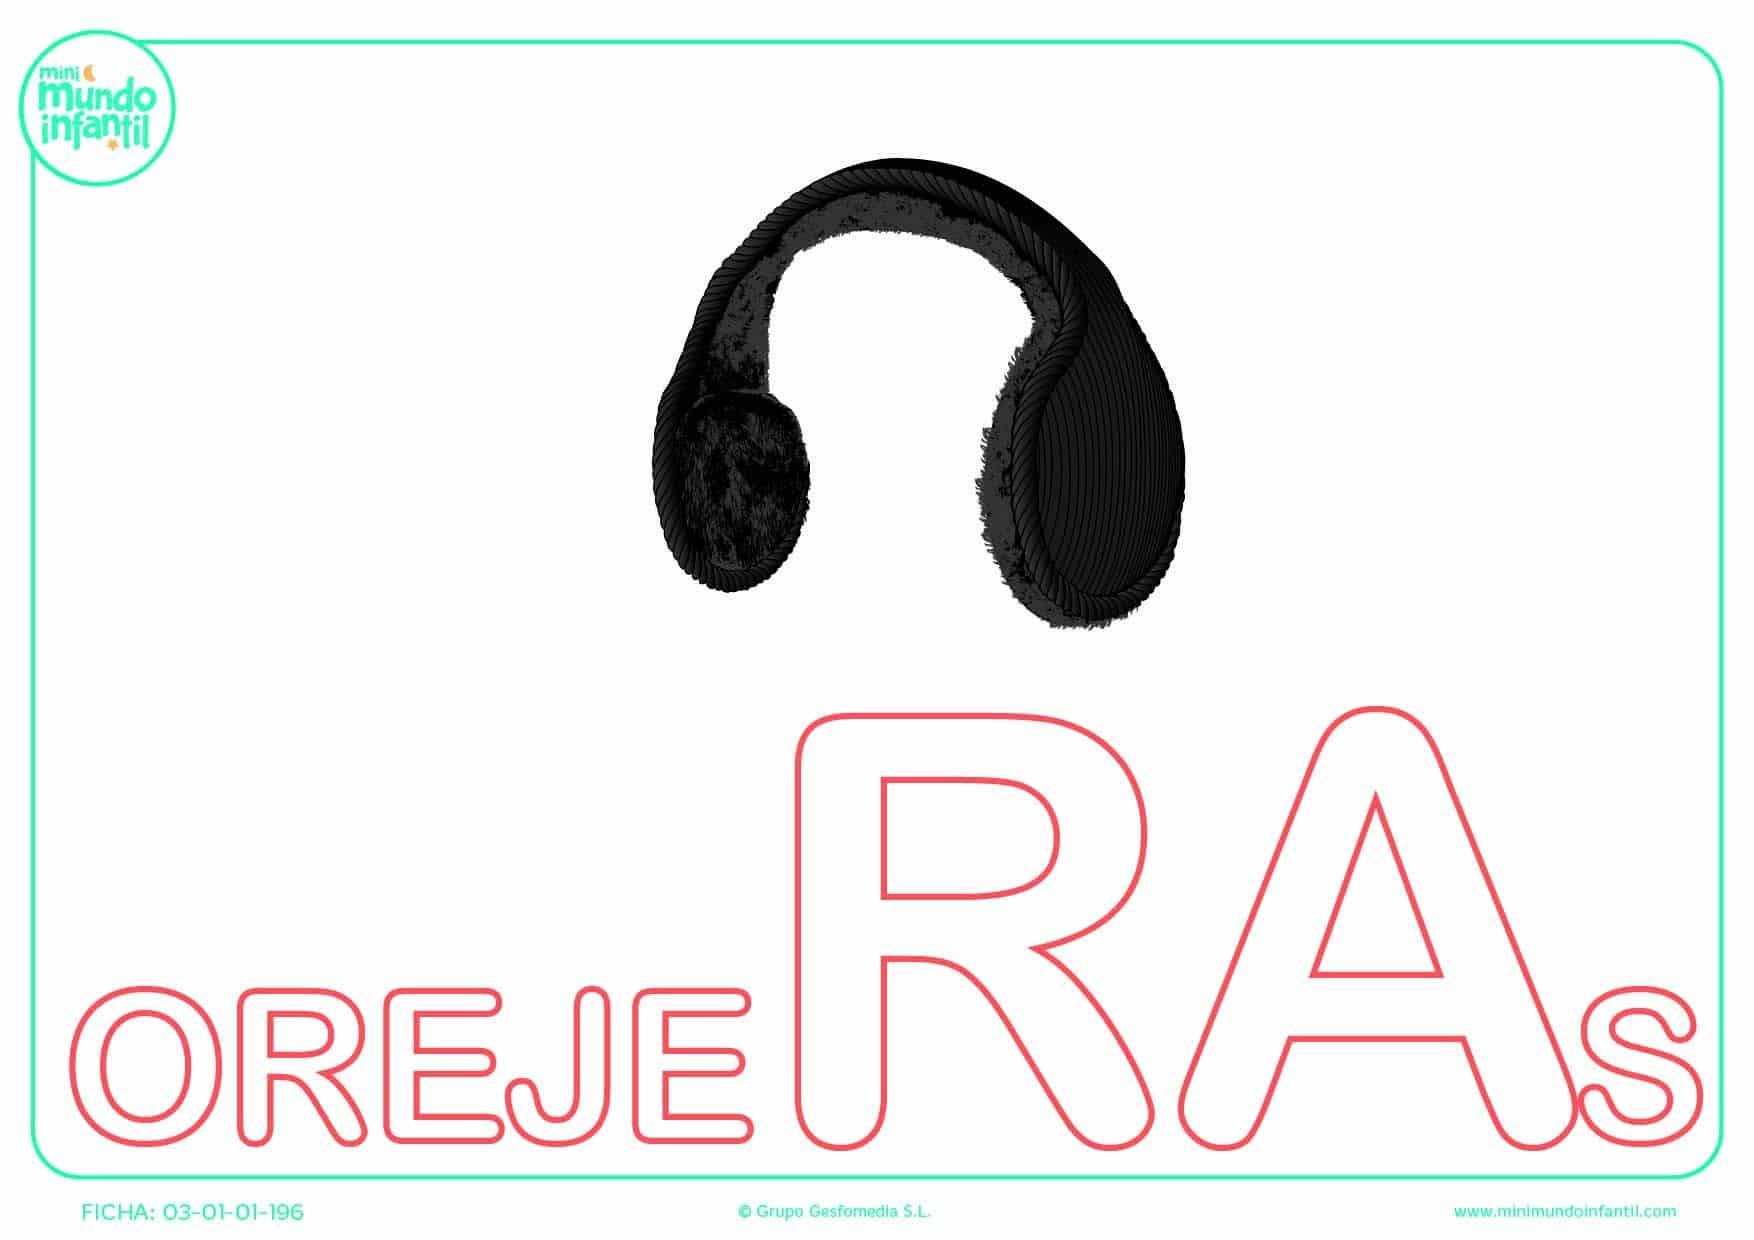 Completar la sílaba RA de orejeras en mayúsculas